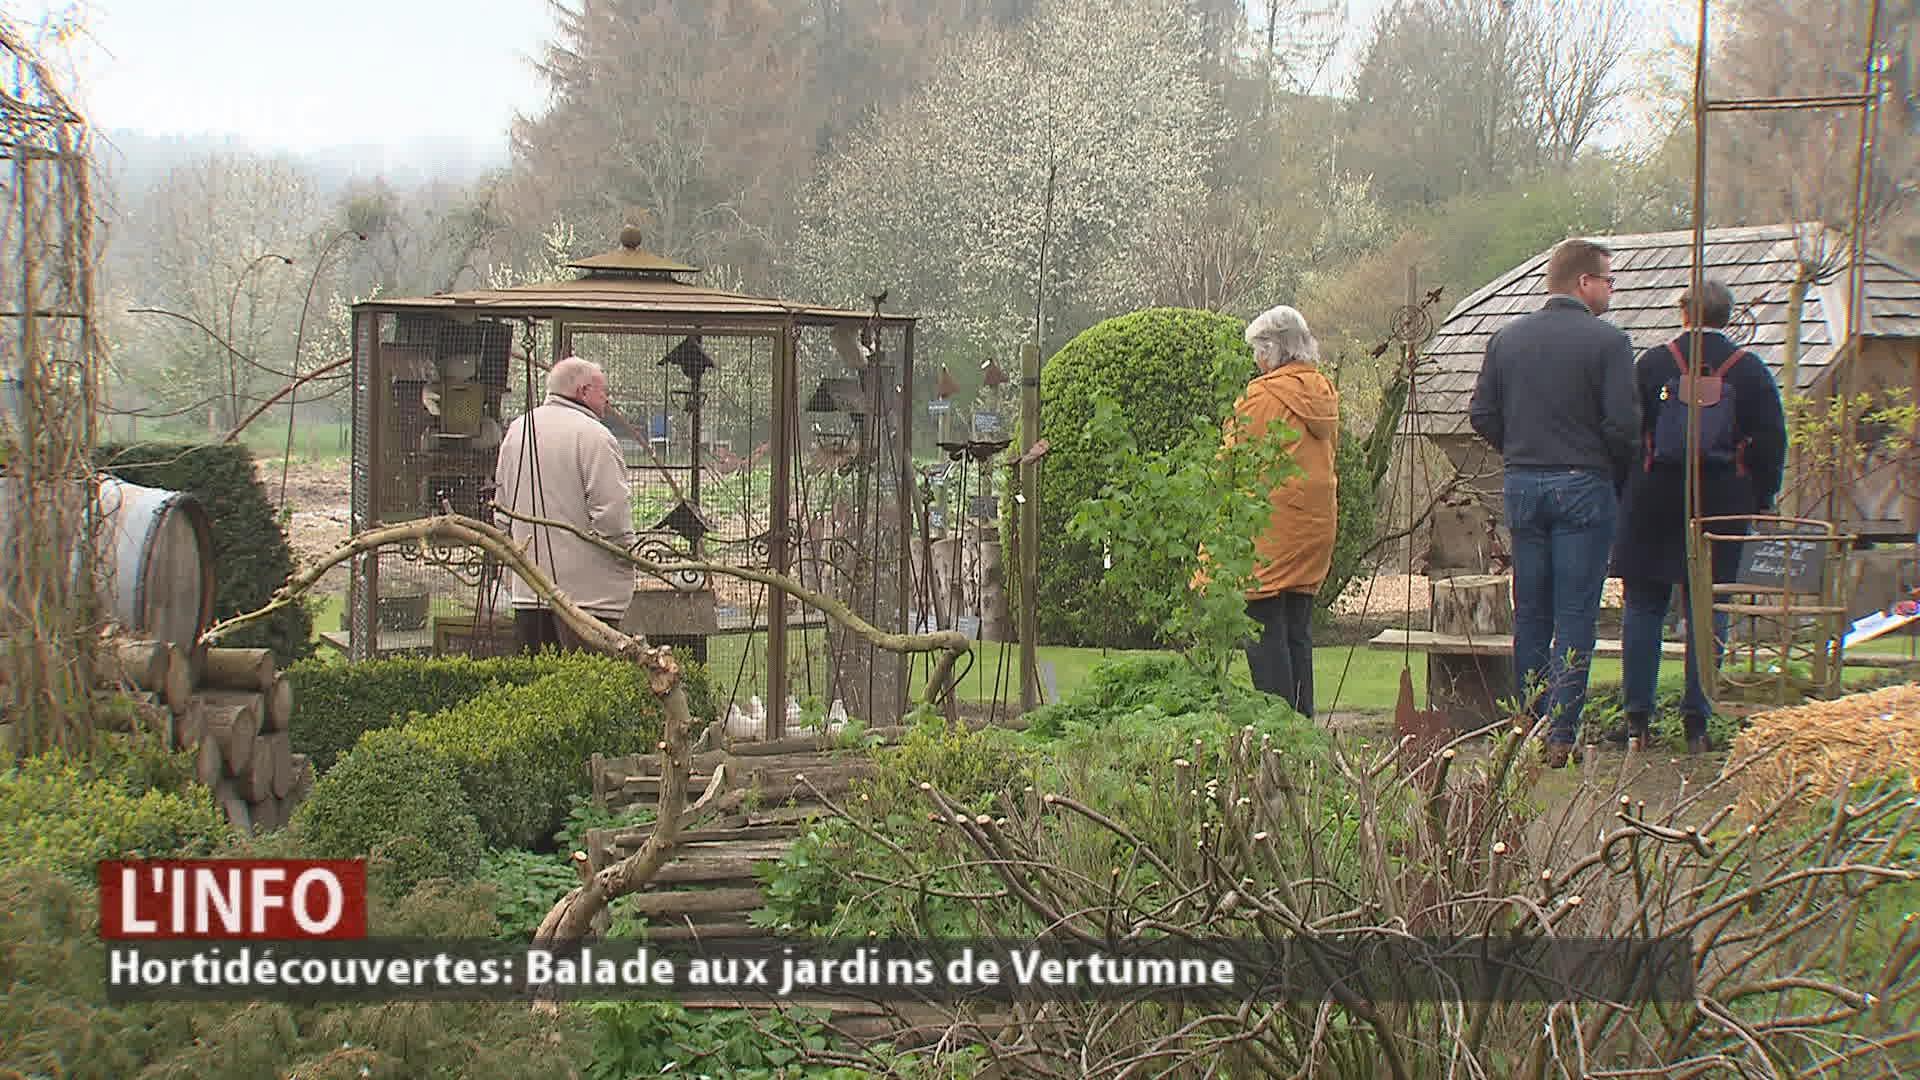 Hortidécouvertes: Visite des jardins de Vertumne